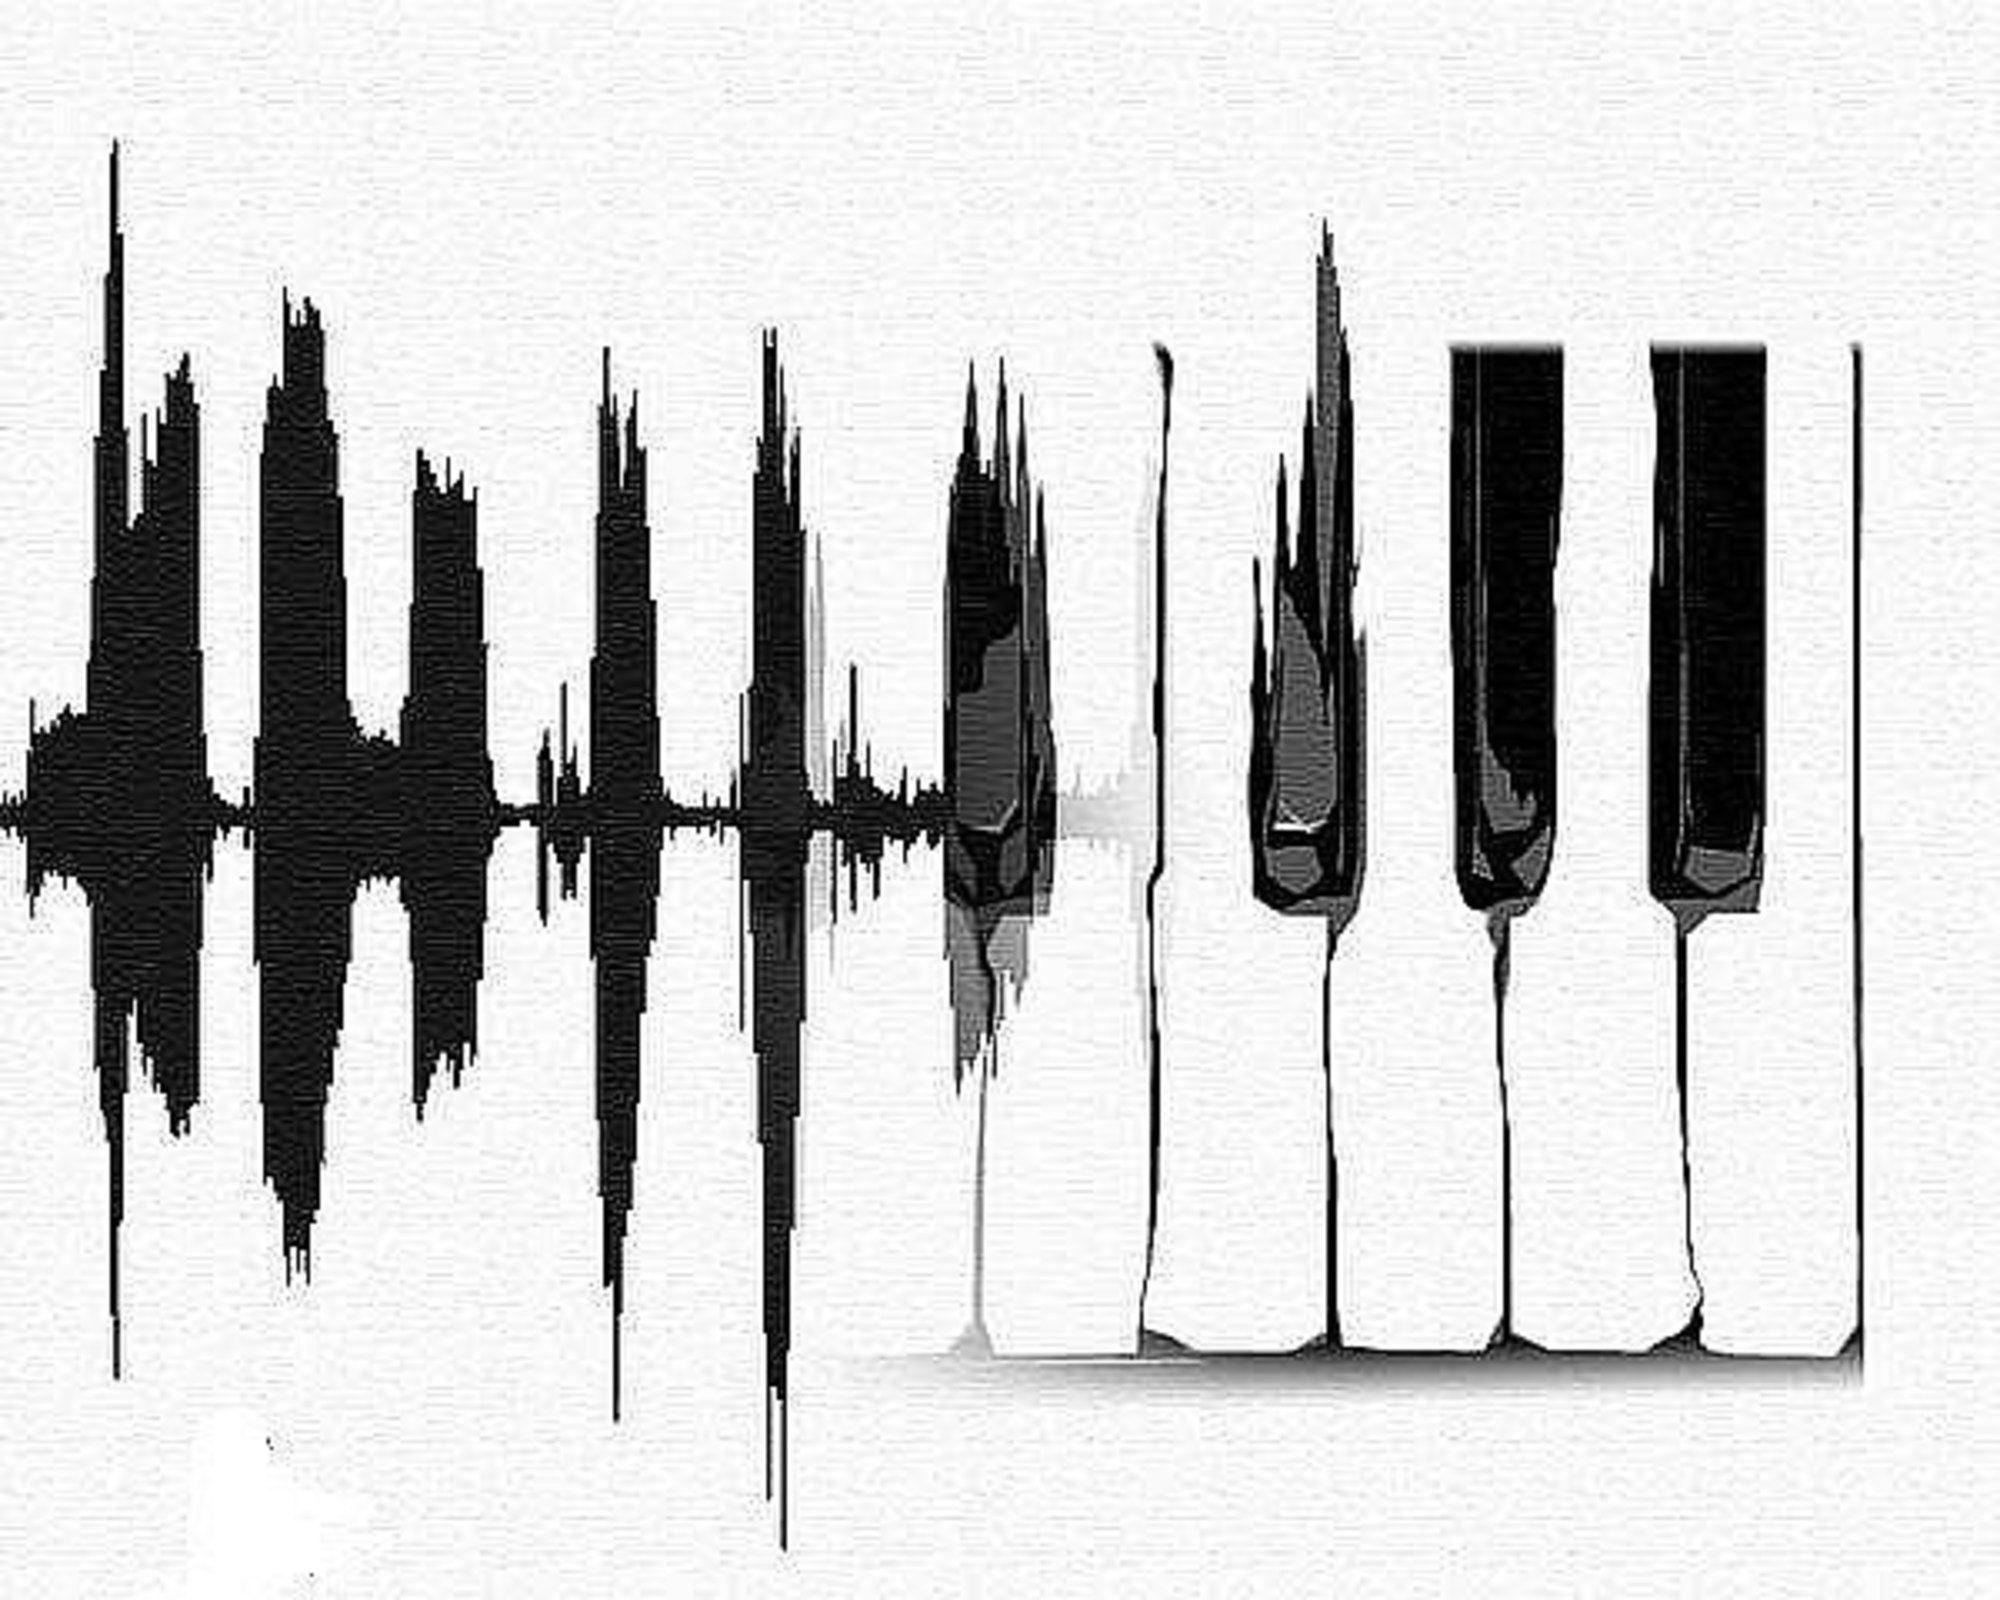 черно белый мотив аккорды